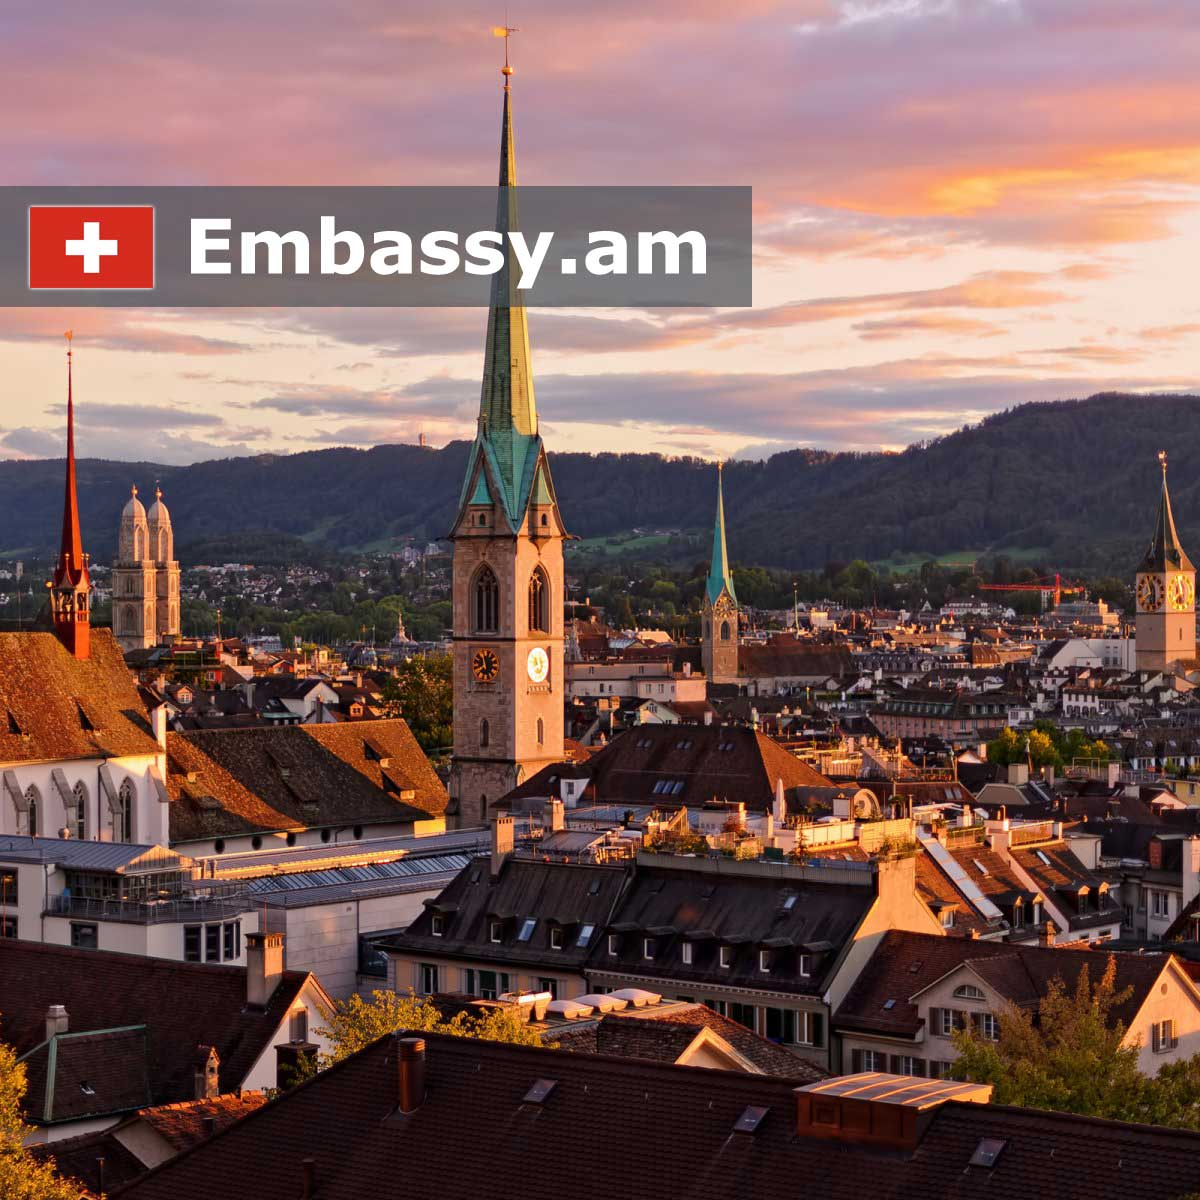 Zurich - Hotels in Switzerland - Embassy.am